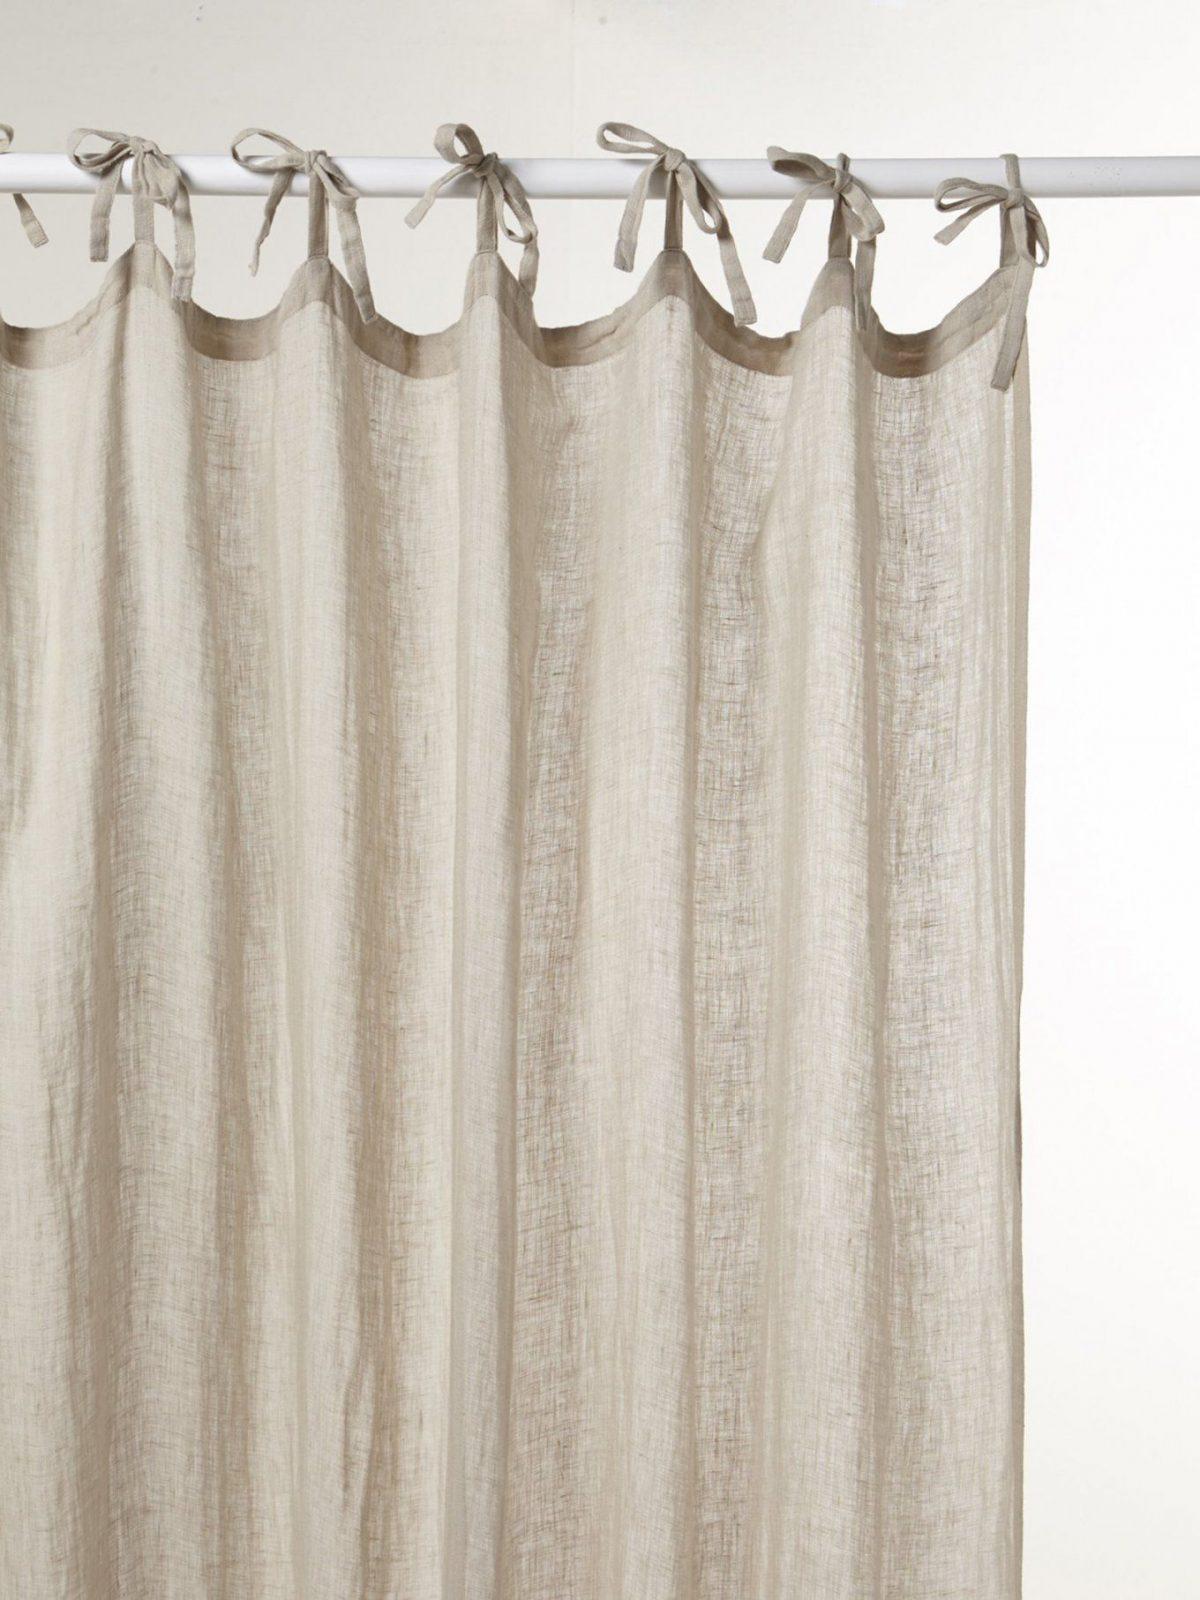 Vorhang Zum Binden – Zuhause Image Idee von Vorhänge Mit Schlaufen Zum Binden Photo